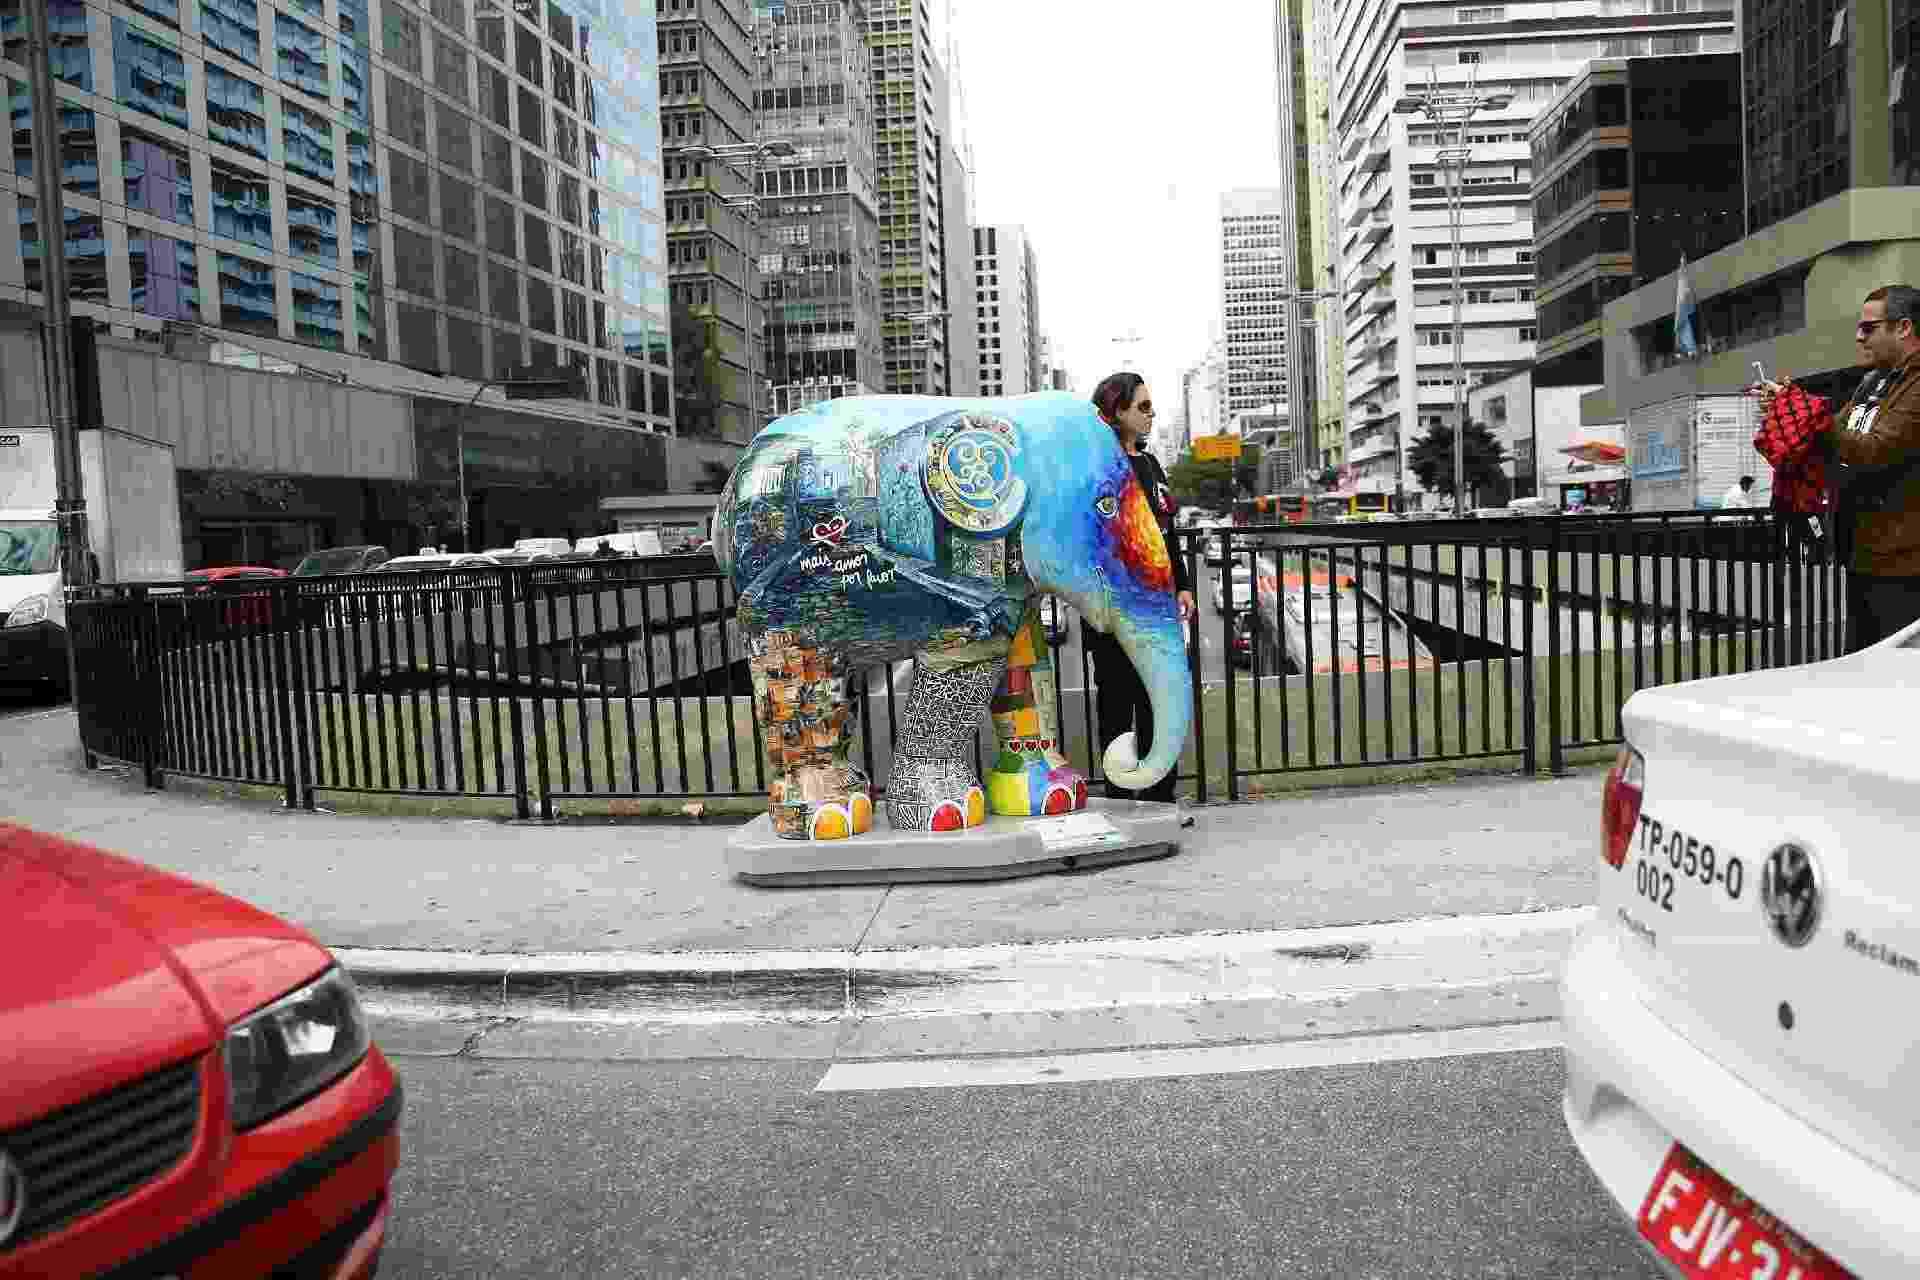 Obra da Elephant Parade, que chegou a São Paulo nesta terça (1°) - Renato S. Cerqueira/Futura Press/Estadão Conteúdo